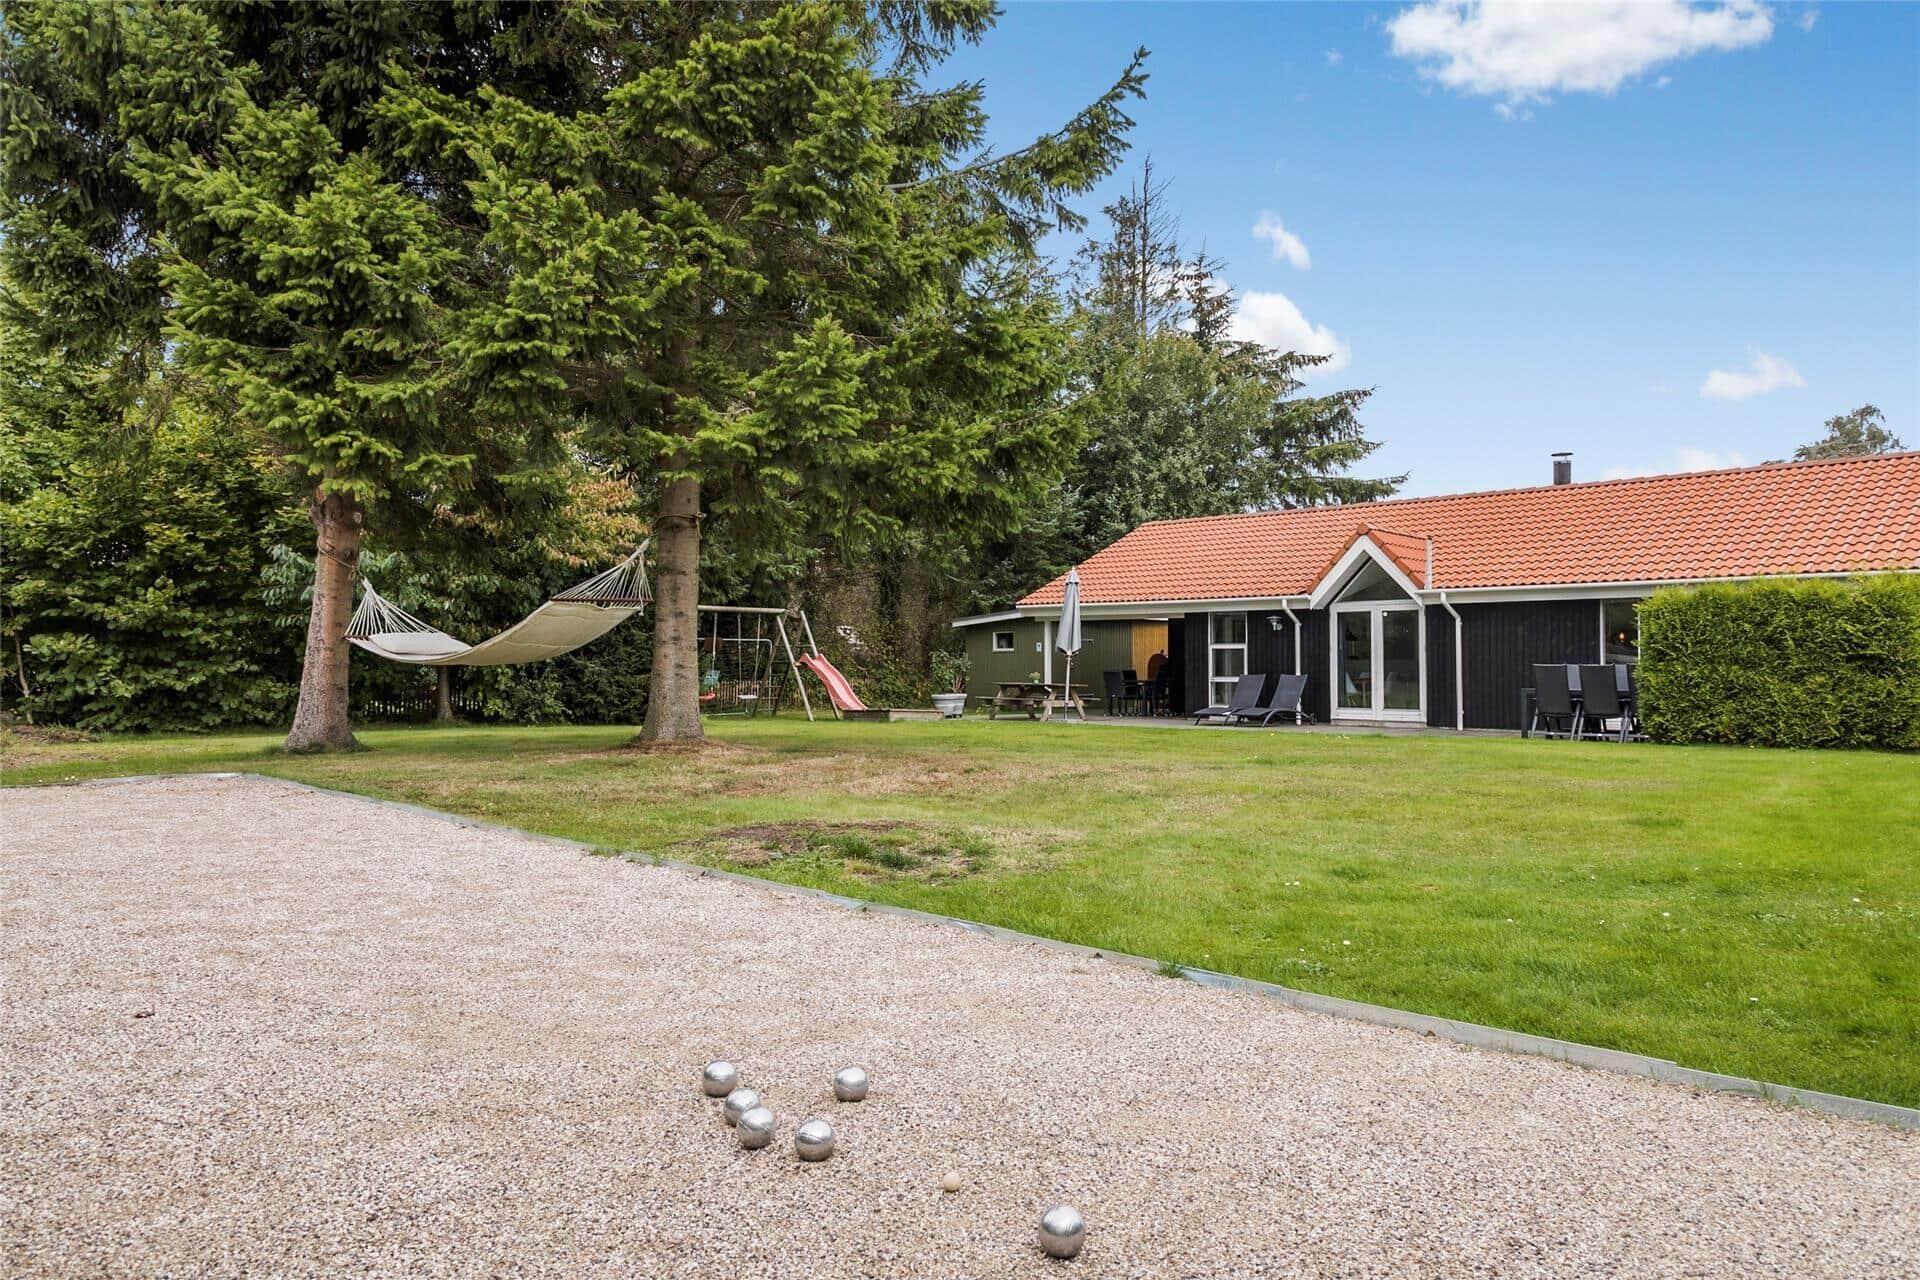 Billede 1-174 Sommerhus M13021, Tranevej 11, DK - 4873 Væggerløse